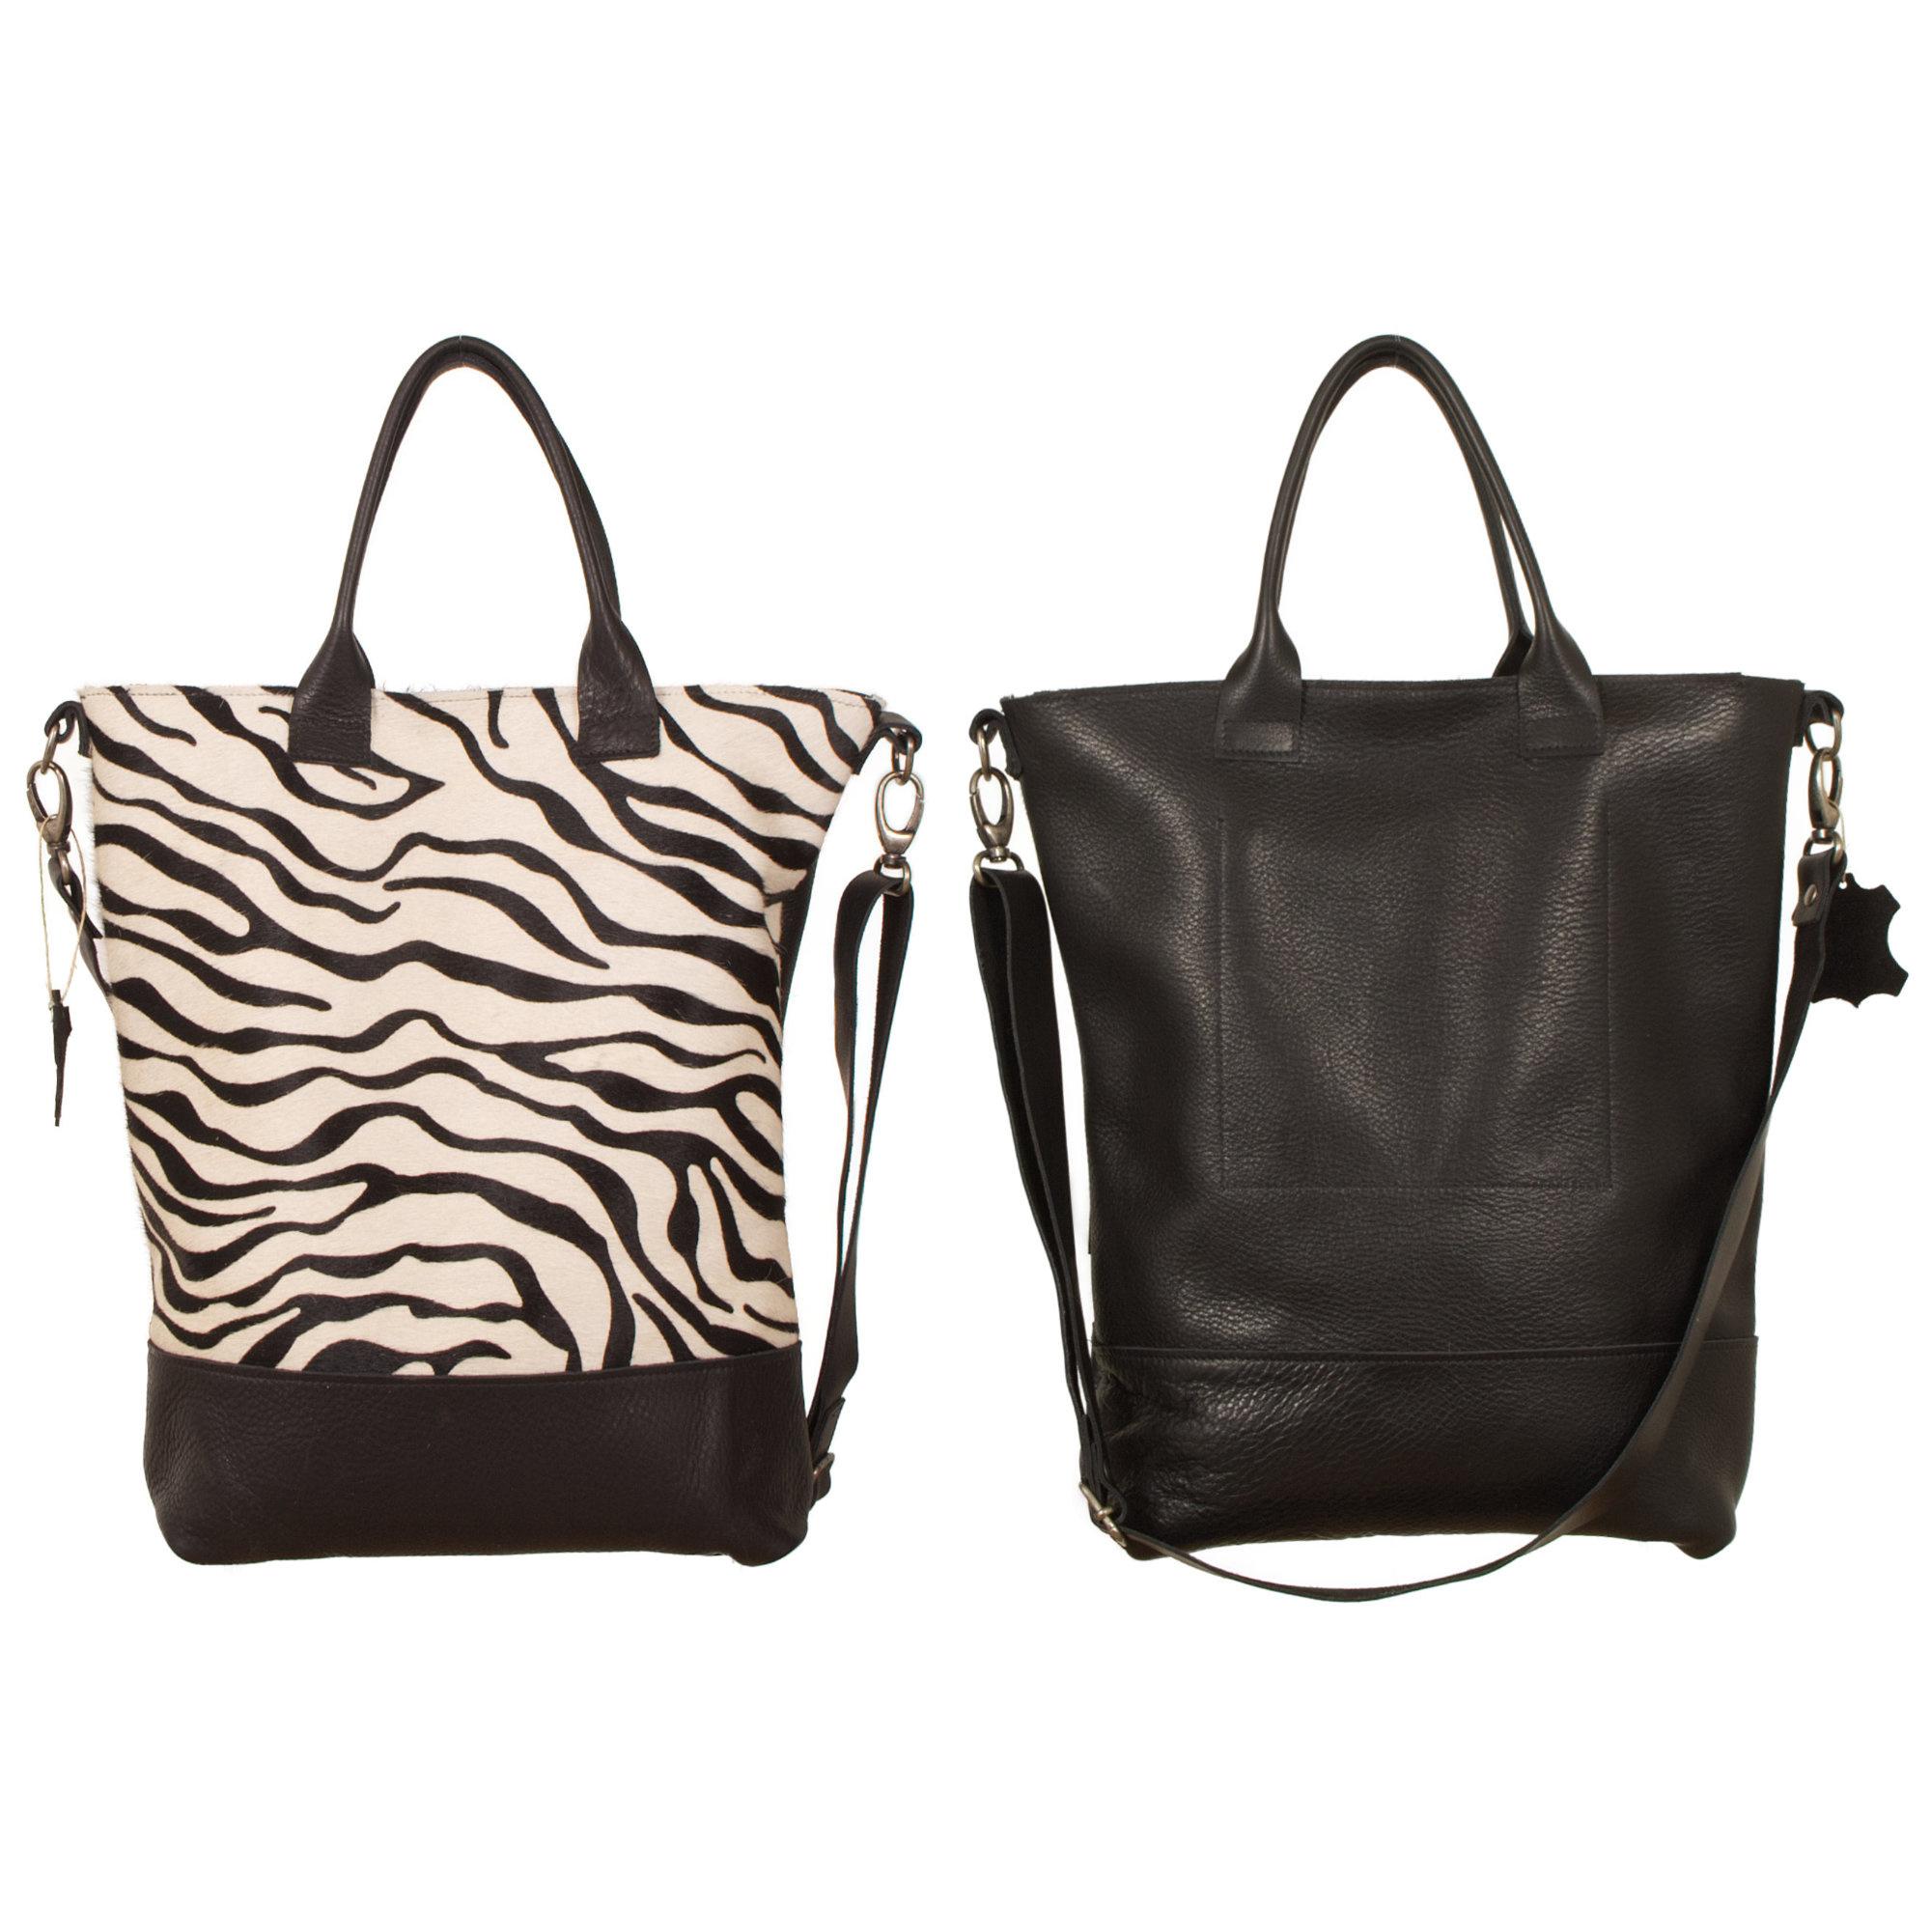 testVan Buren Tas Jolie - Zwart/zebra print | Leren koeienhuid schoudertas